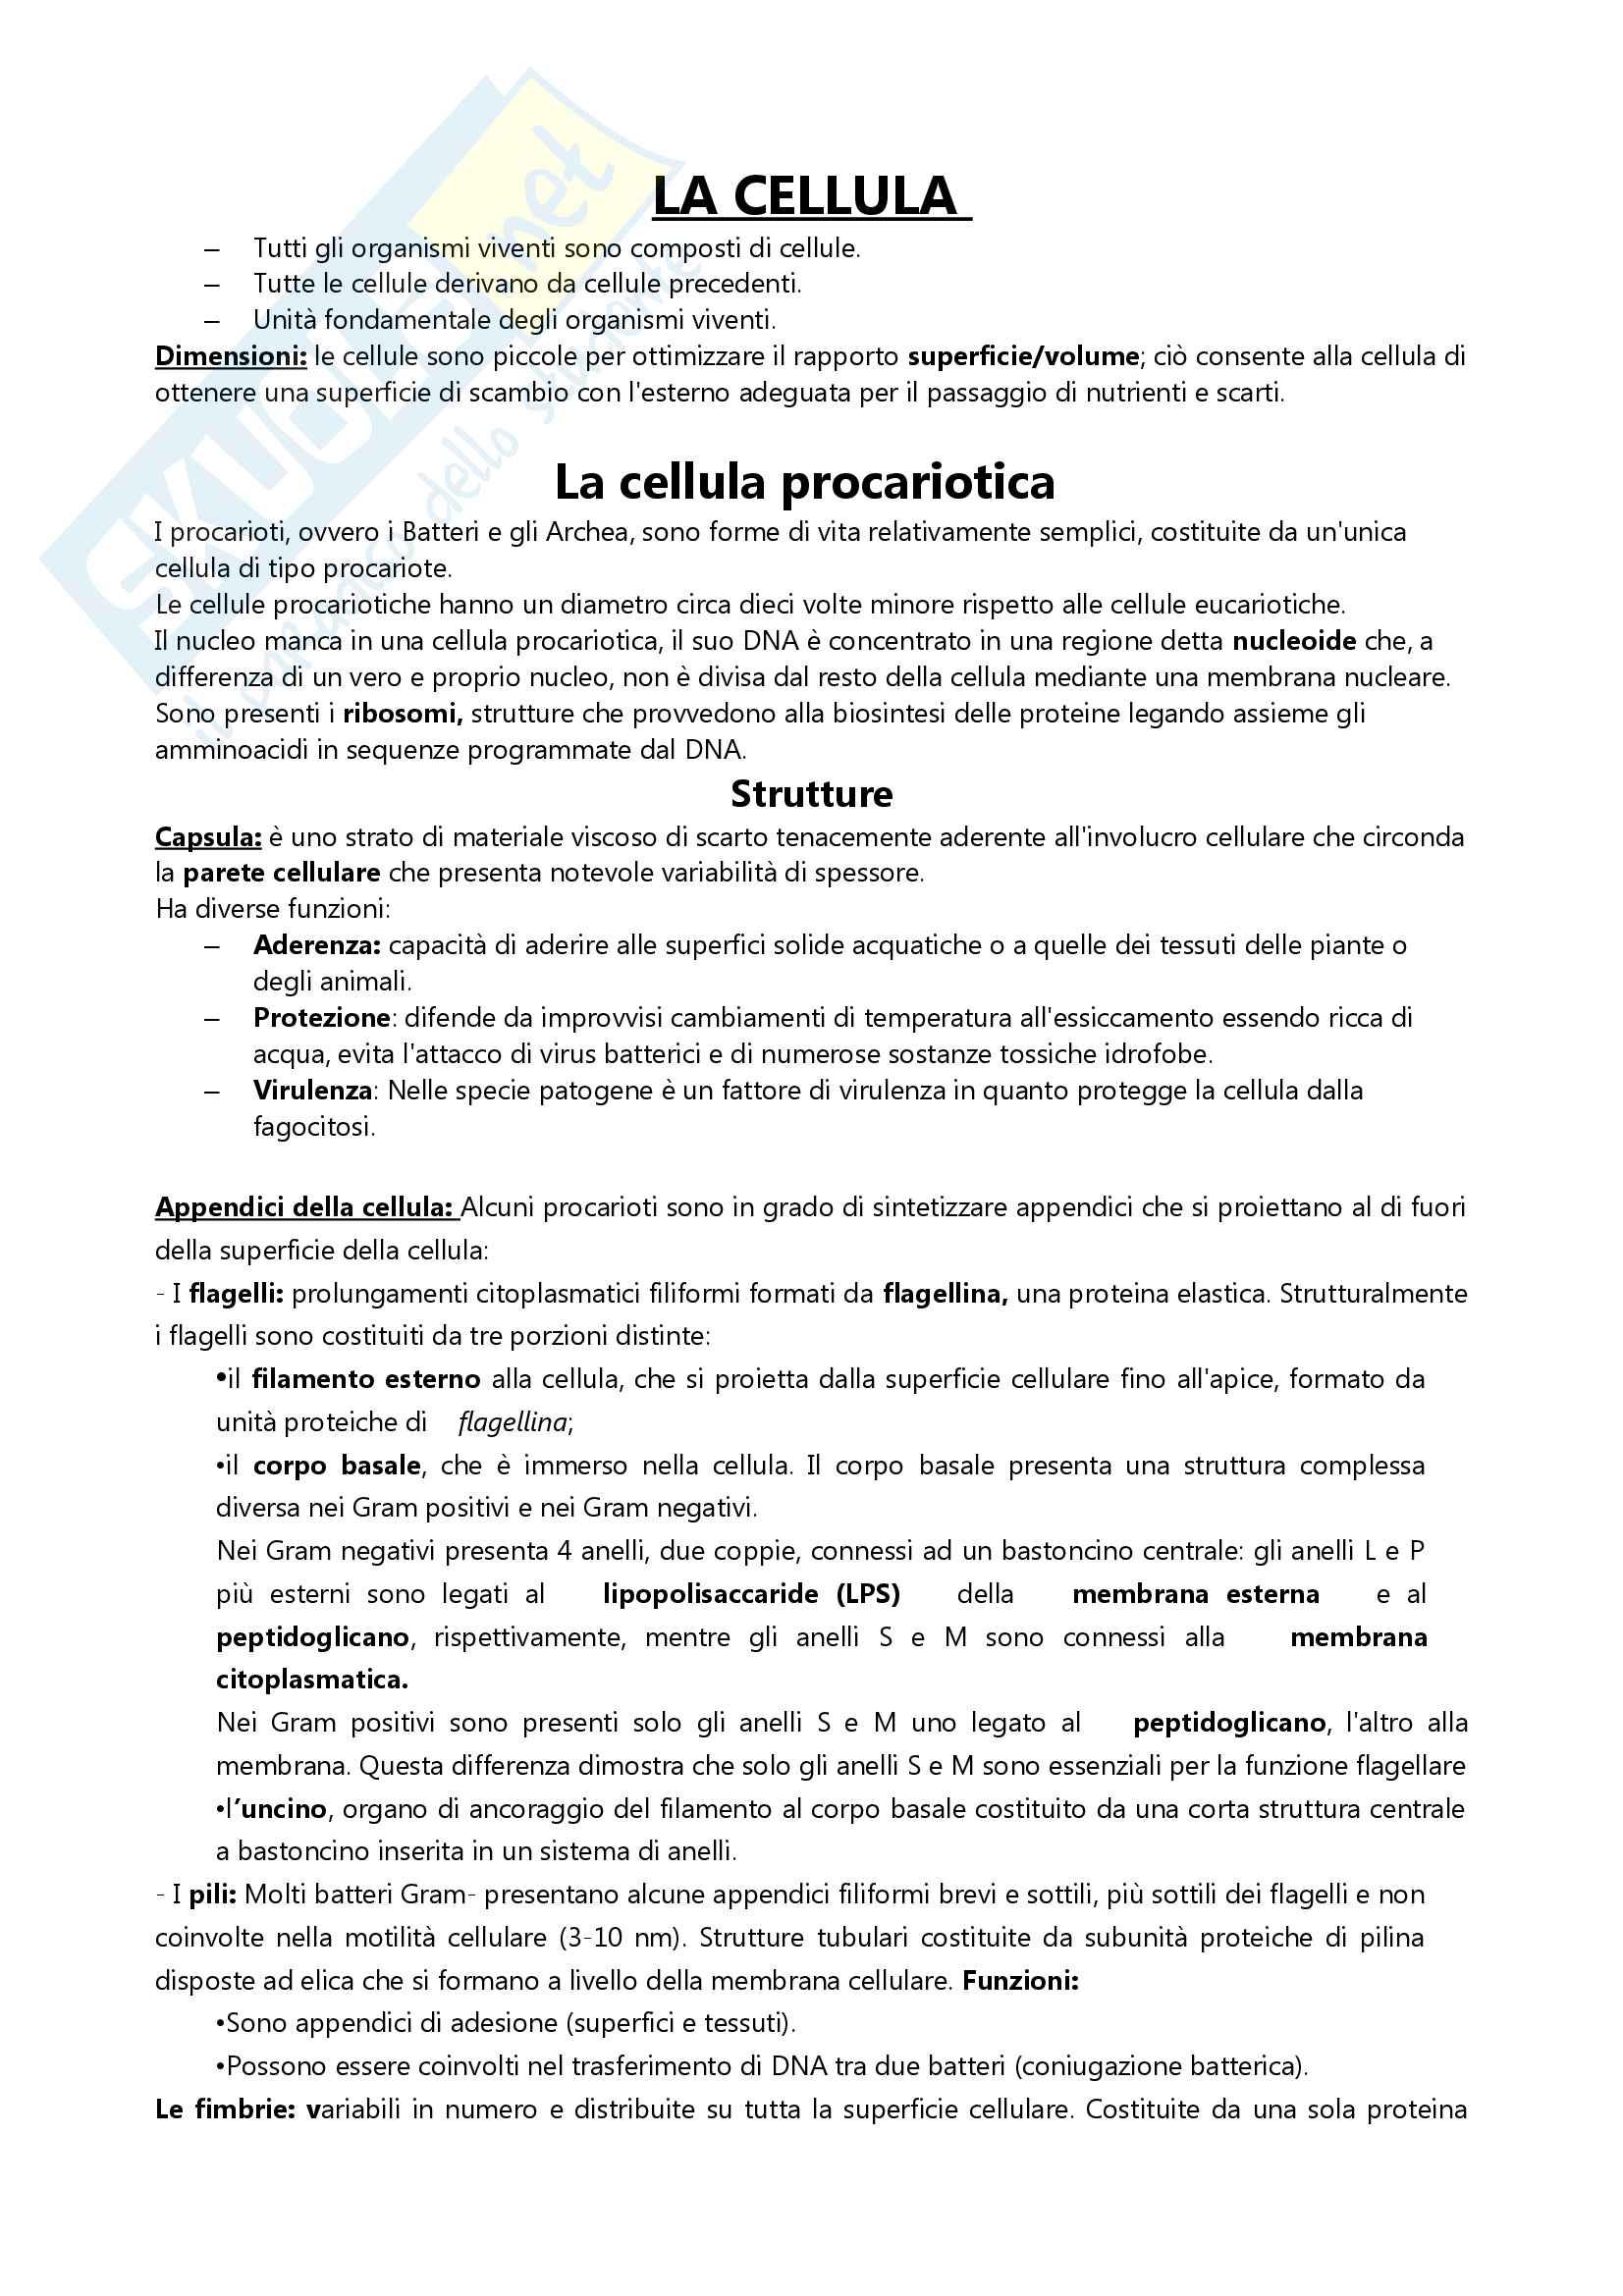 Appunti sulla Cellula, Esame di Fondamenti di Biologia